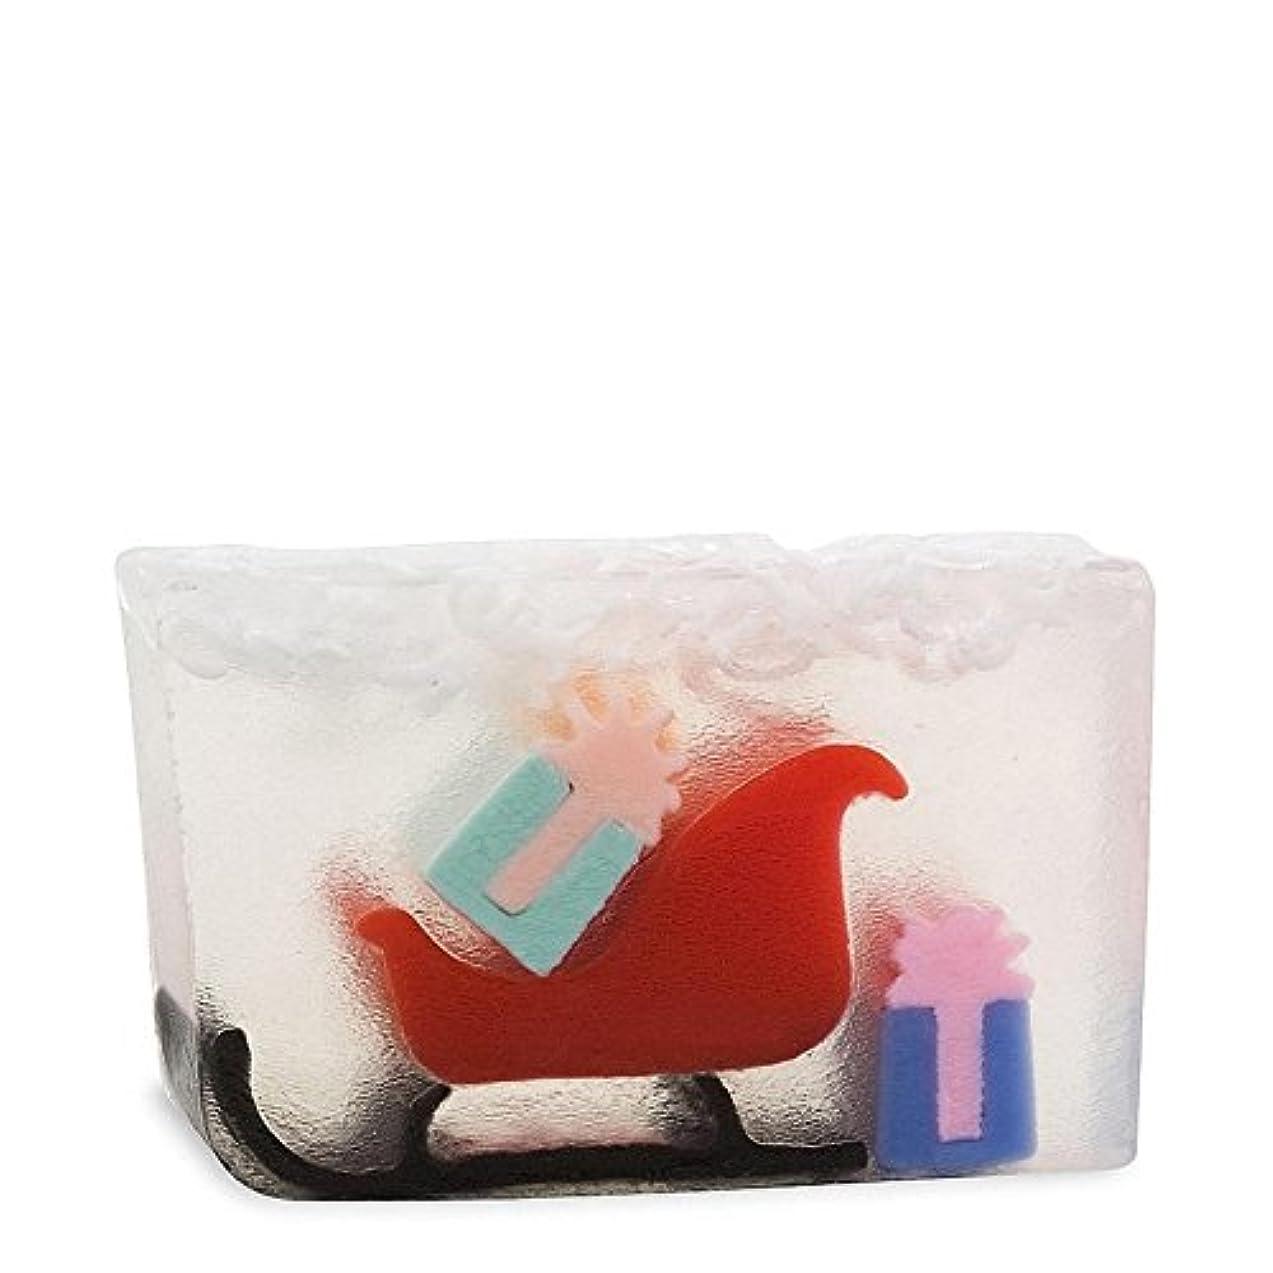 義務部分的にご覧ください原始要素のサンタのそり x2 - Primal Elements Santas Sleigh (Pack of 2) [並行輸入品]